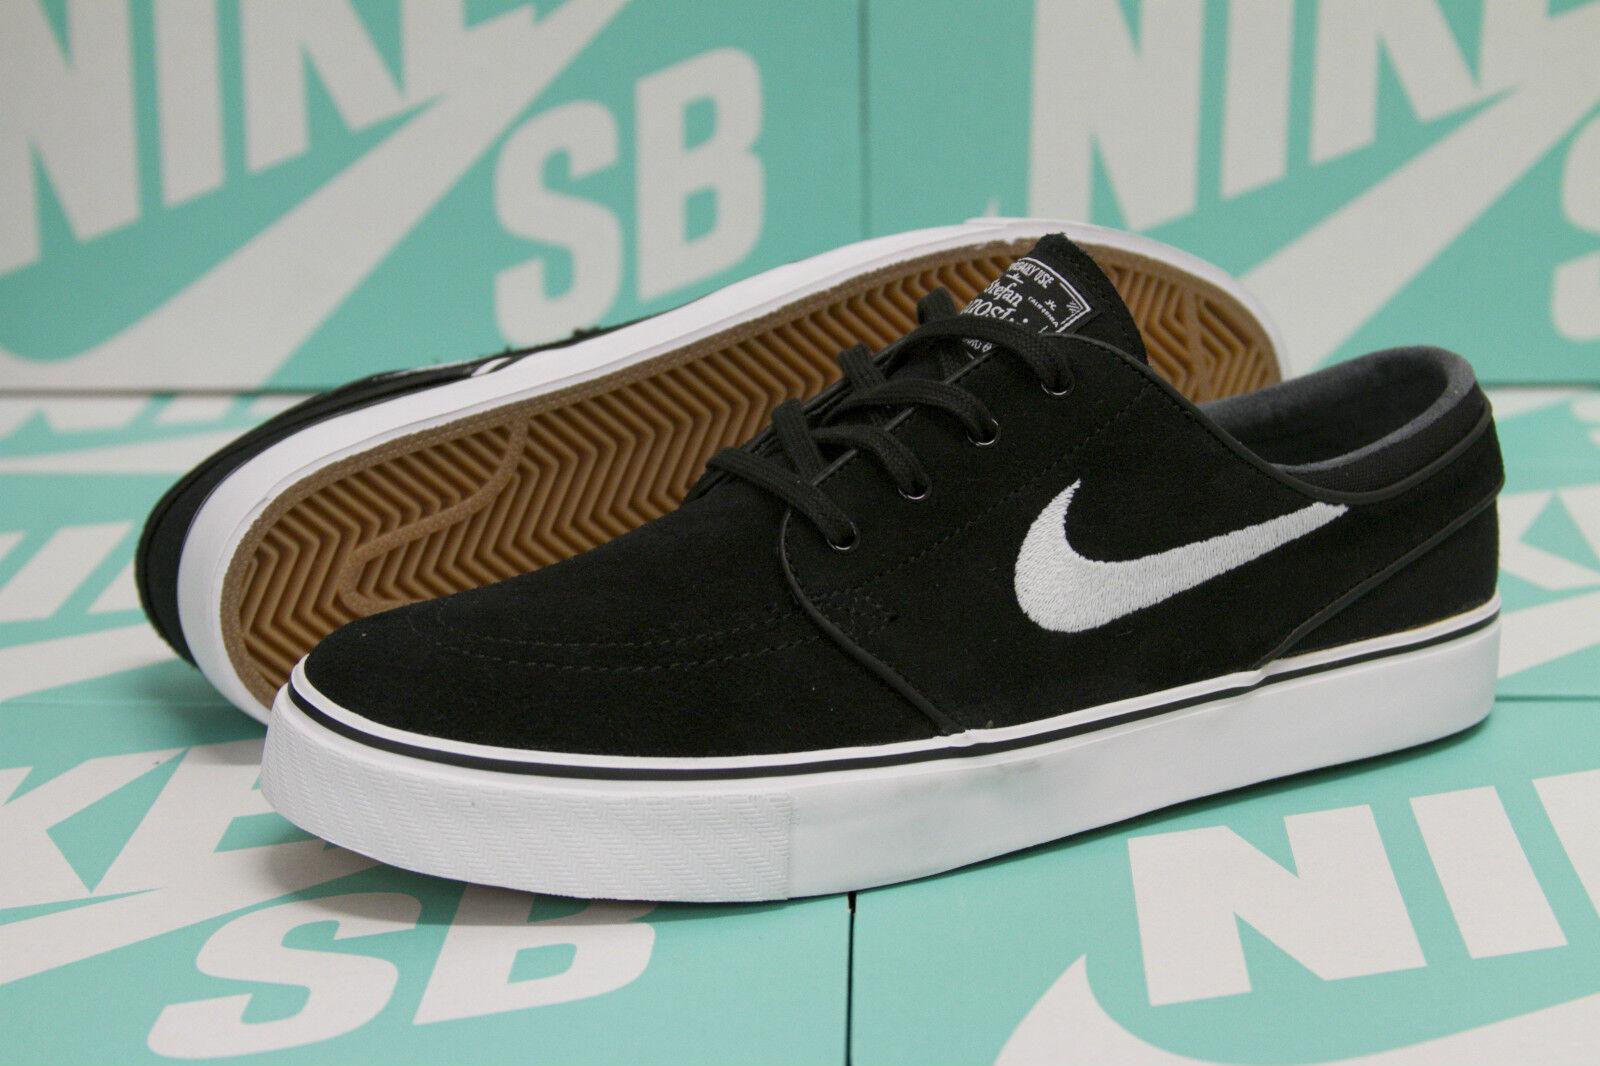 Nike sb zoom stefan janoski - nero / bianco 333824 camoscio - 026 - sz 10